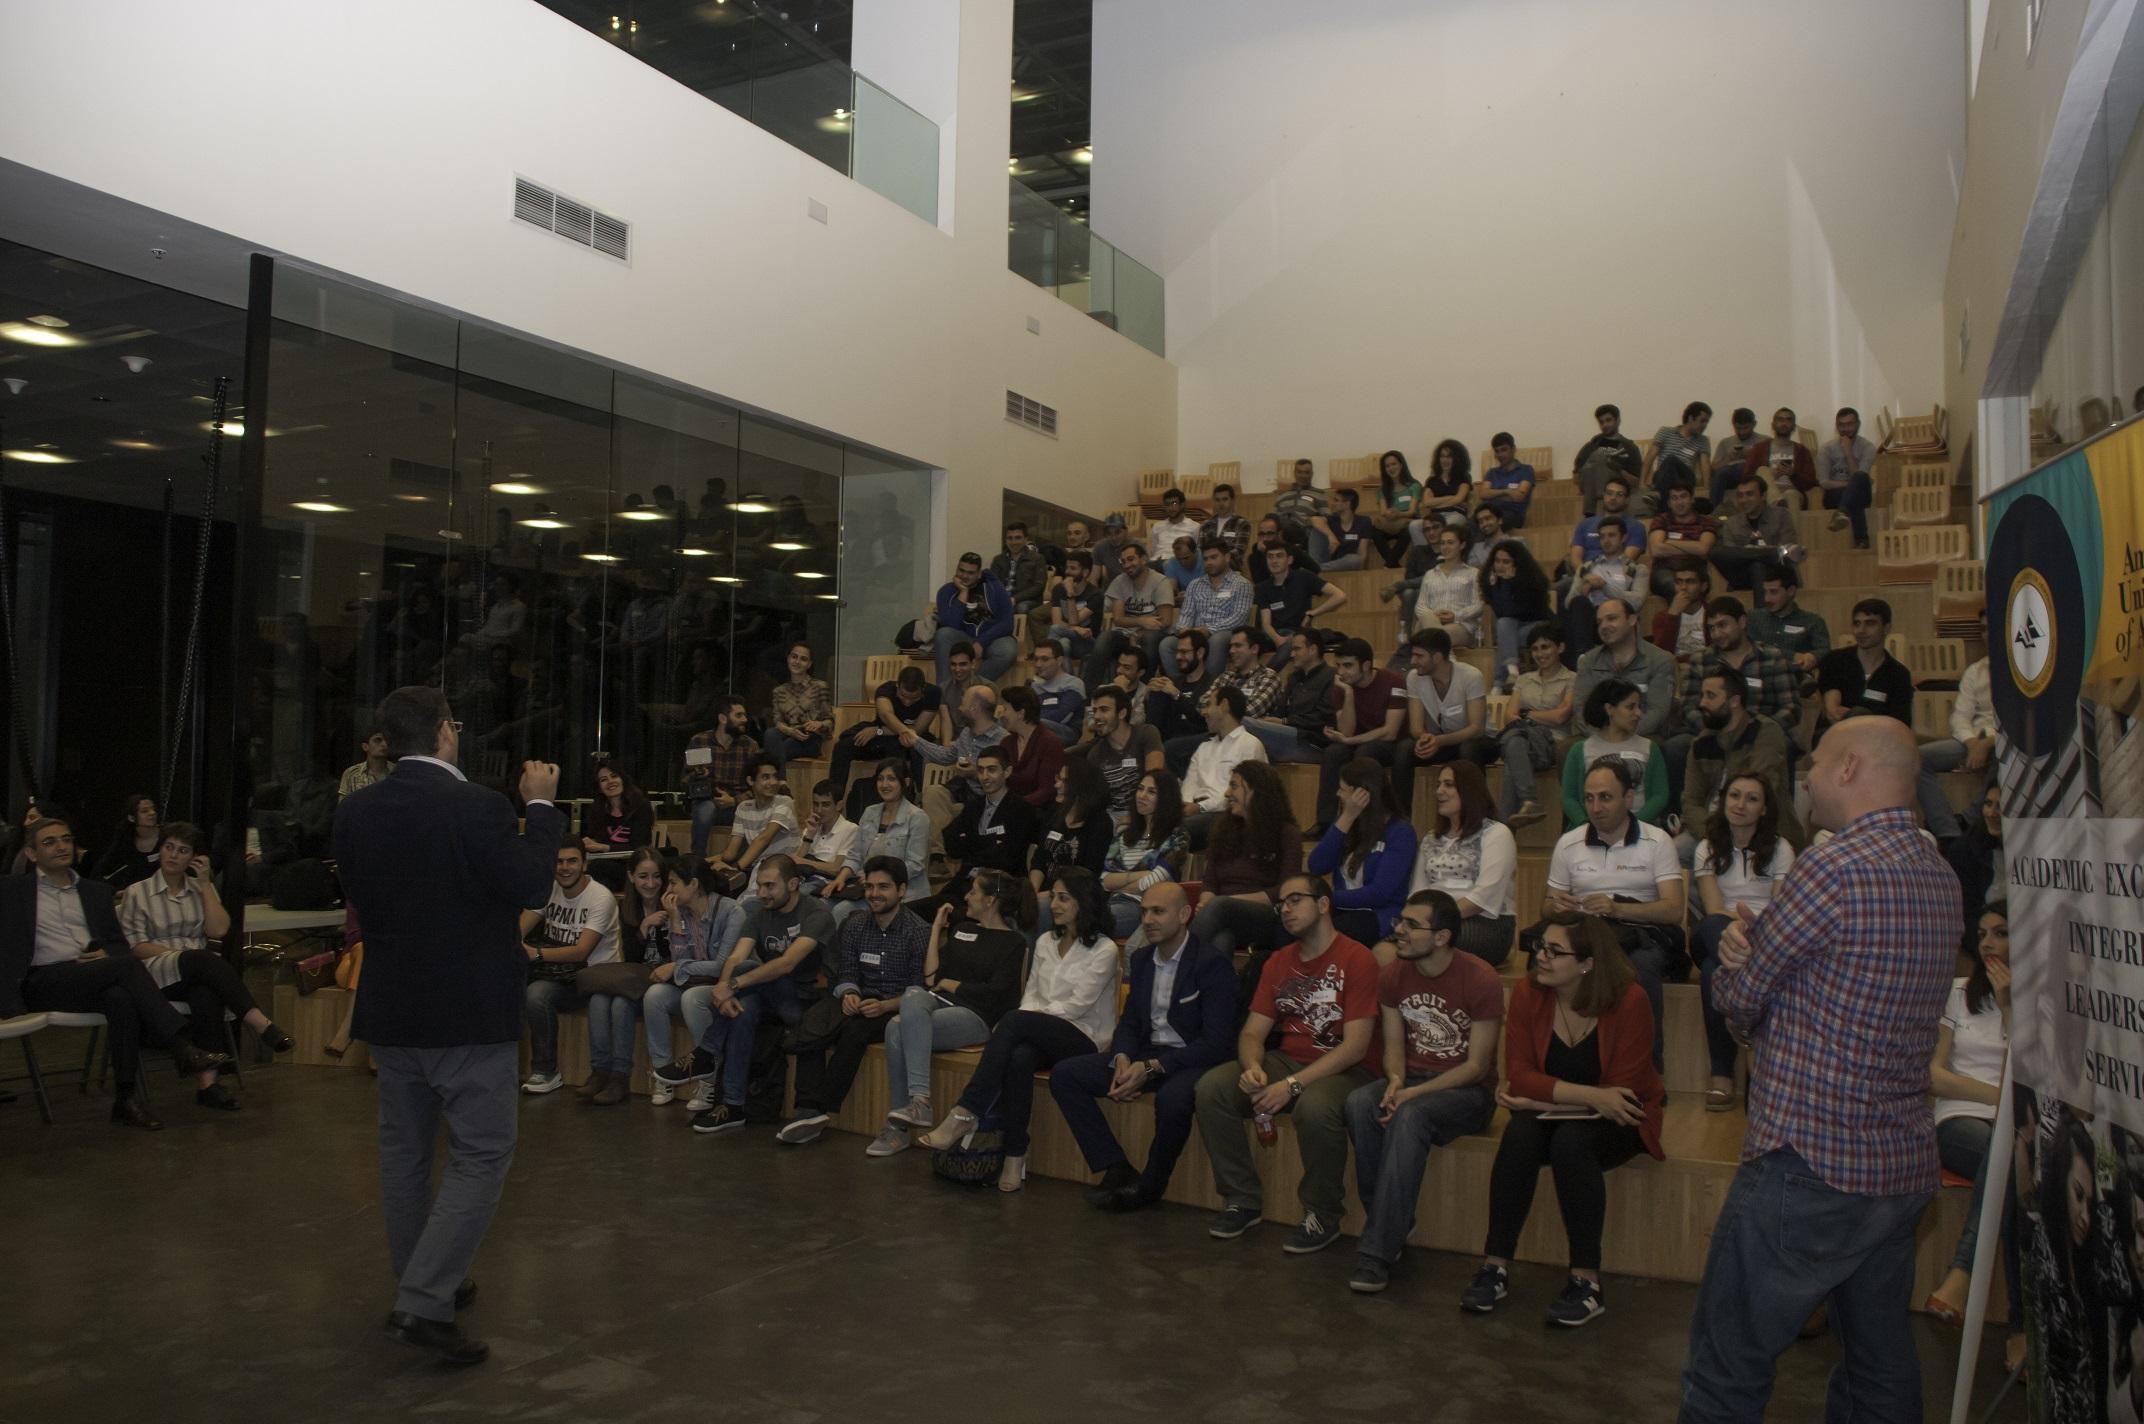 Հայաստանում առաջին անգամ տեղի ունեցավ Armenia BigData մրցույթ-հեքըթոն